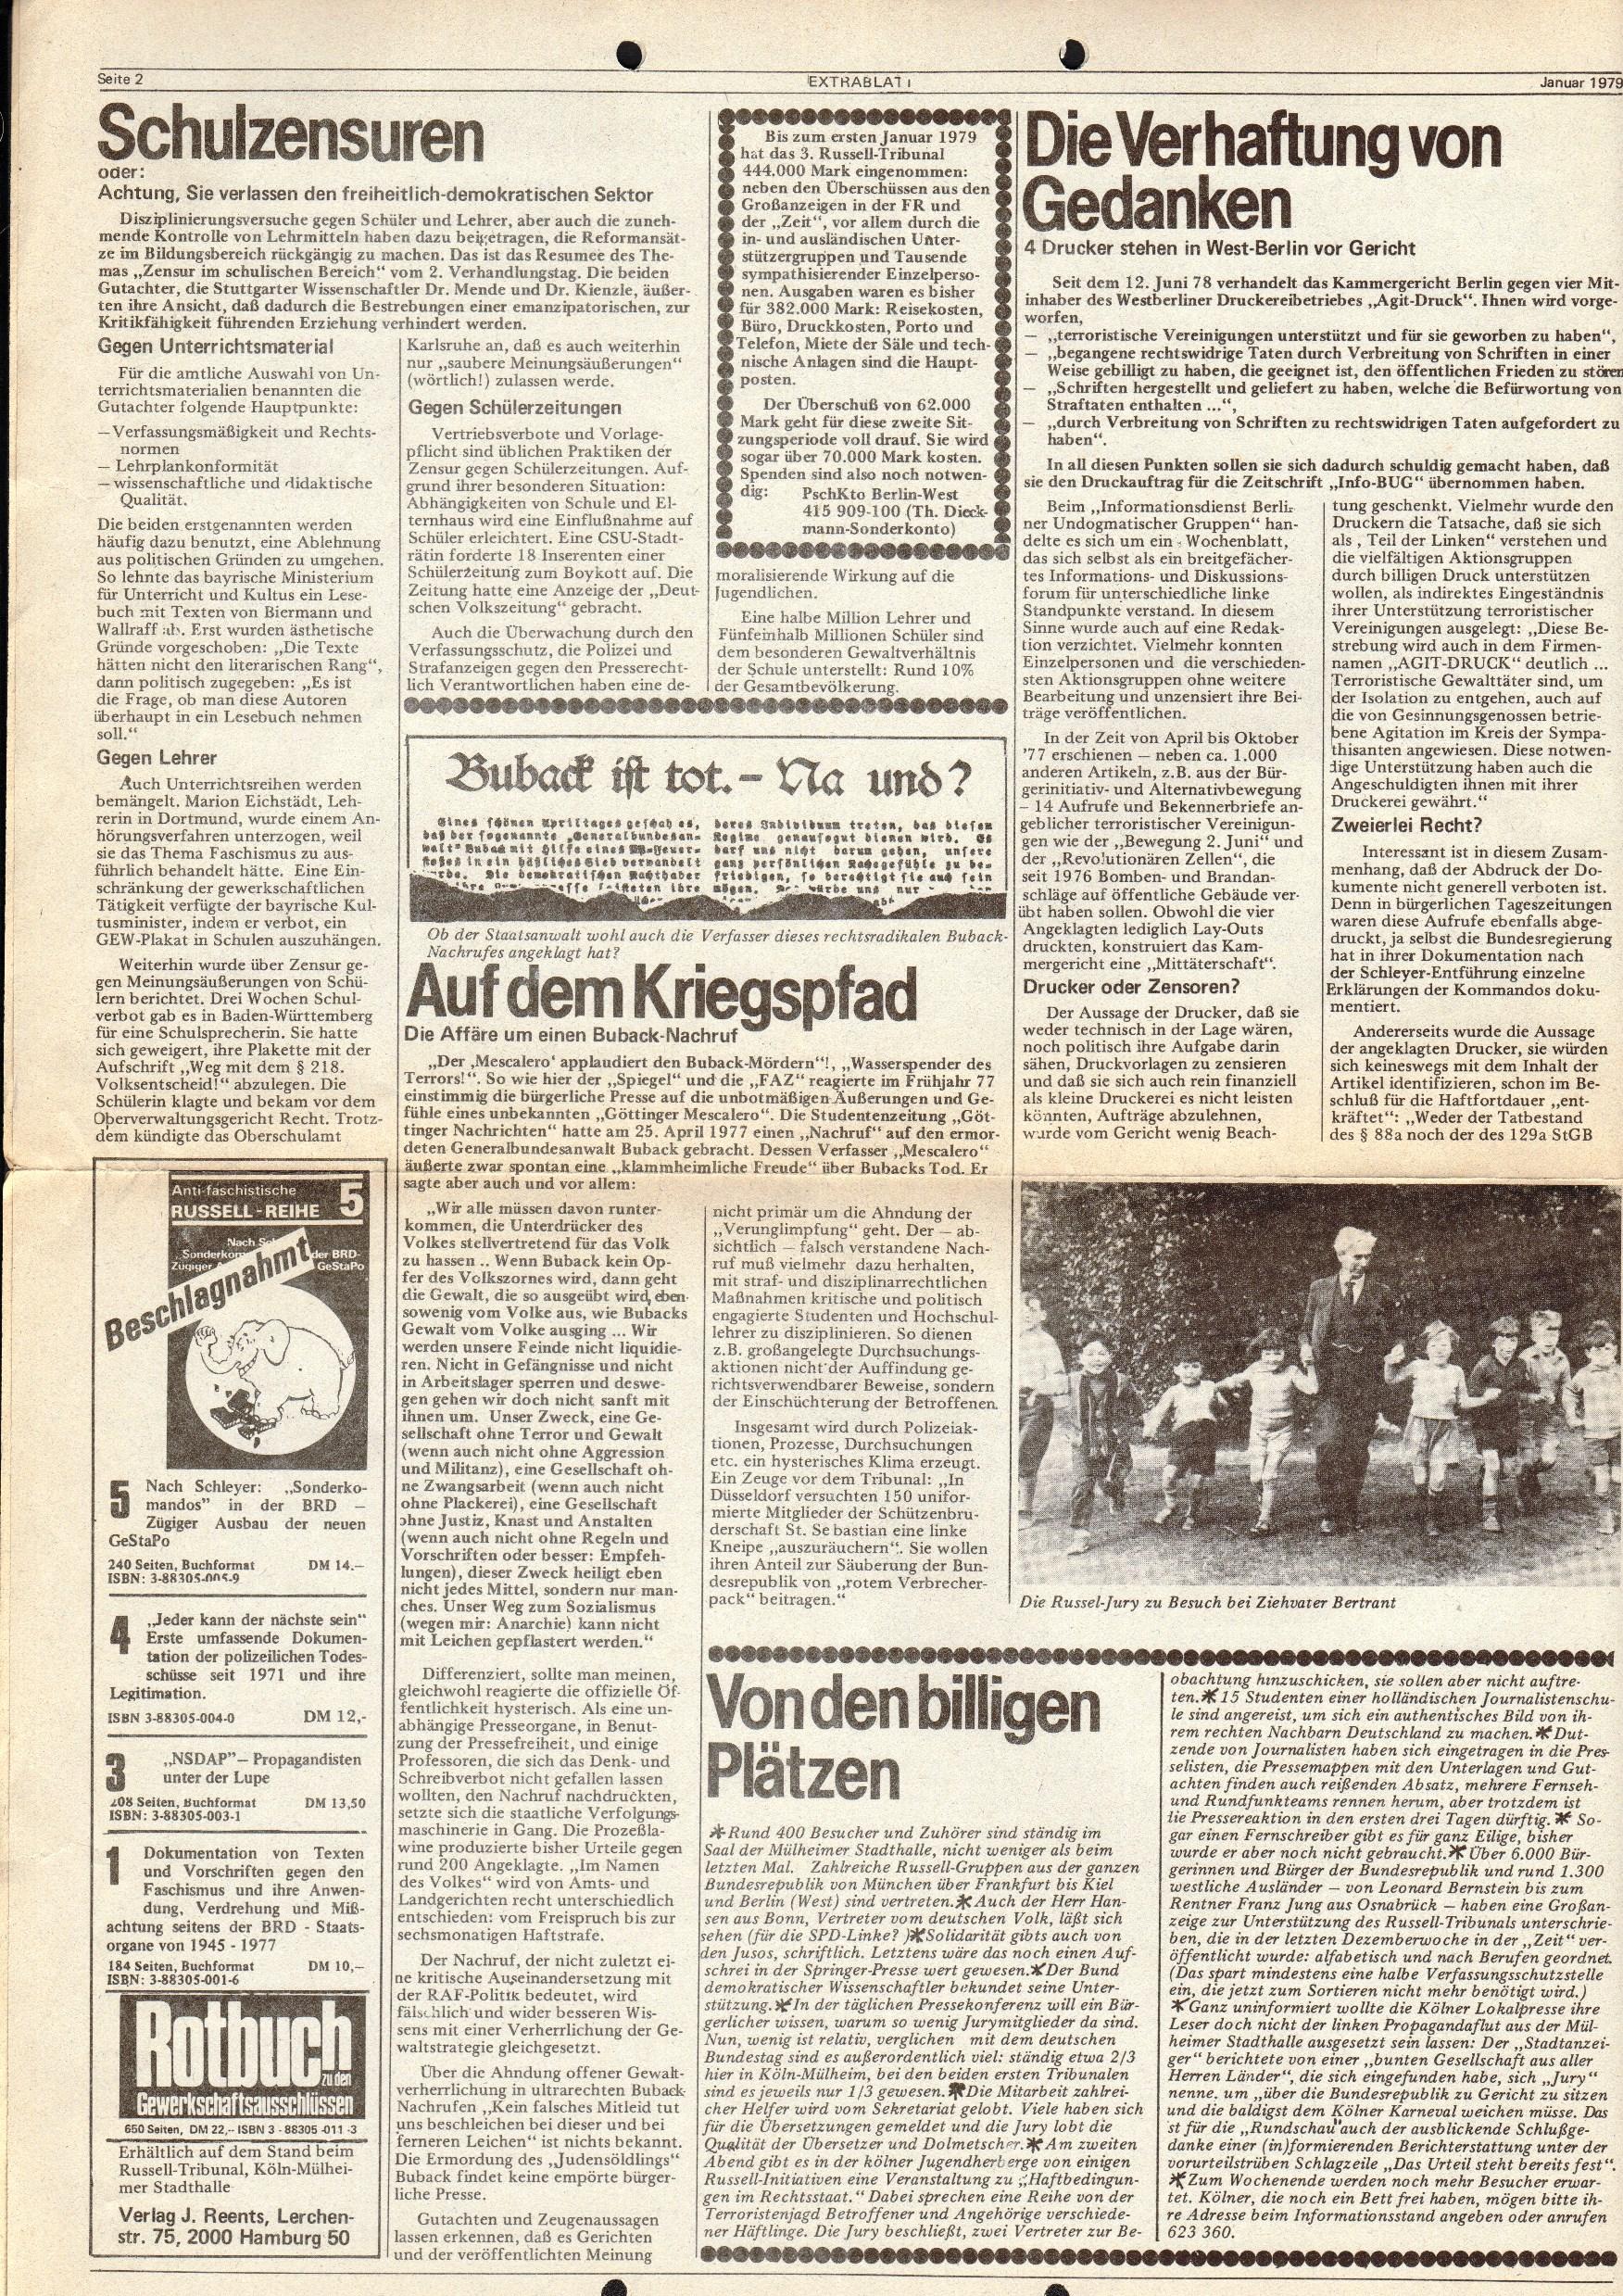 Volksblatt_Extrablatt_zum_Russell_Tribunal_1978_02